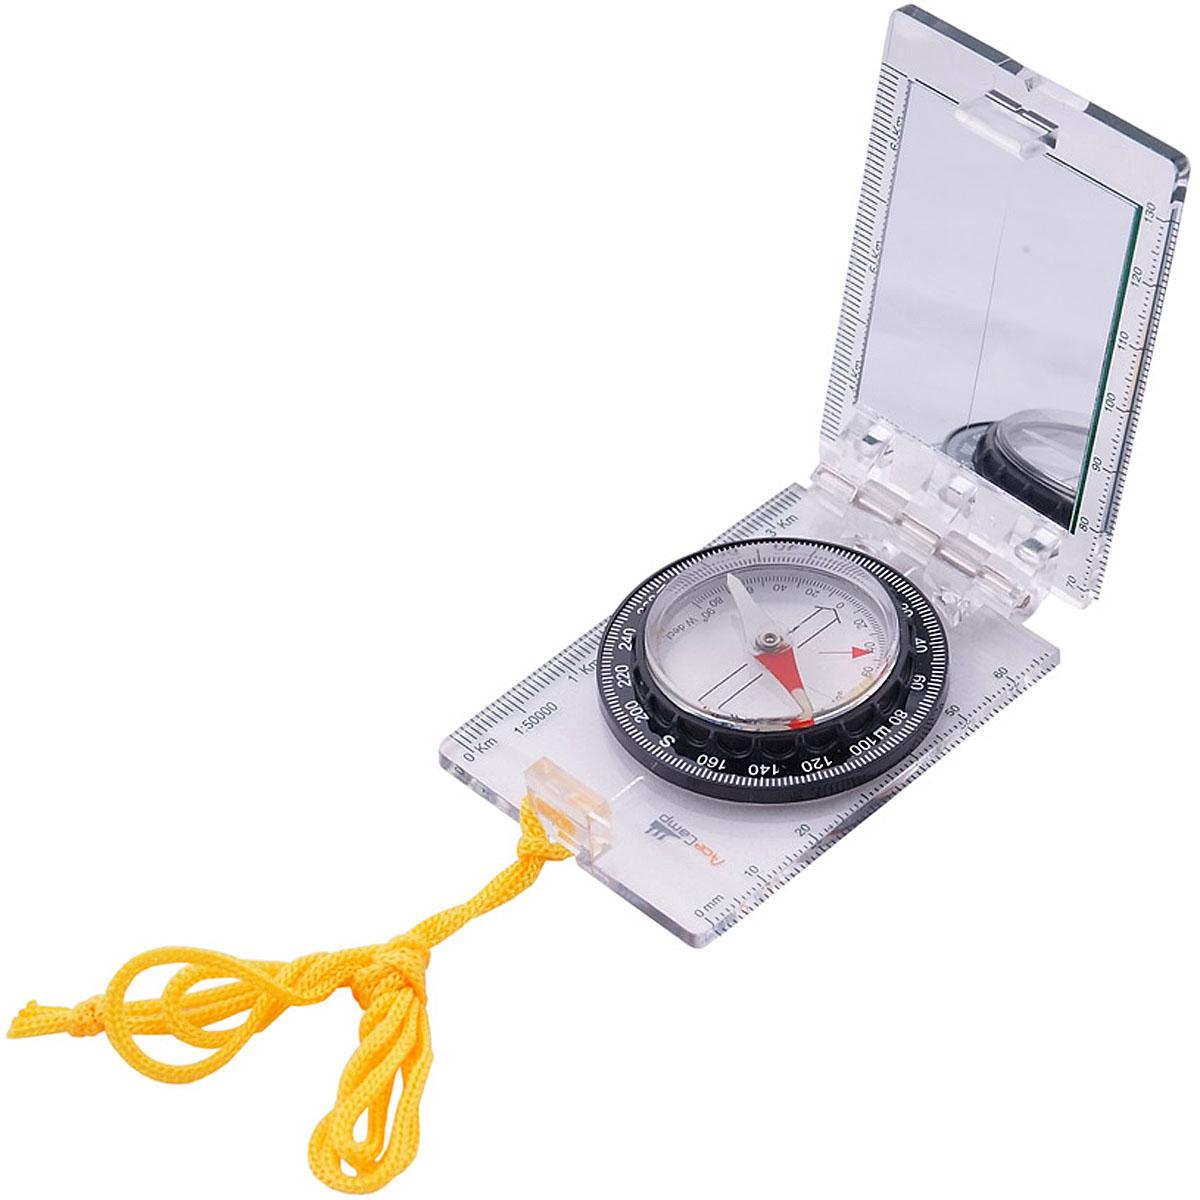 Компас AceCamp складной, с зеркалом, цвет: прозрачный. 3114 acecamp 1576 portable outdoor stainless steel foldable spork silver